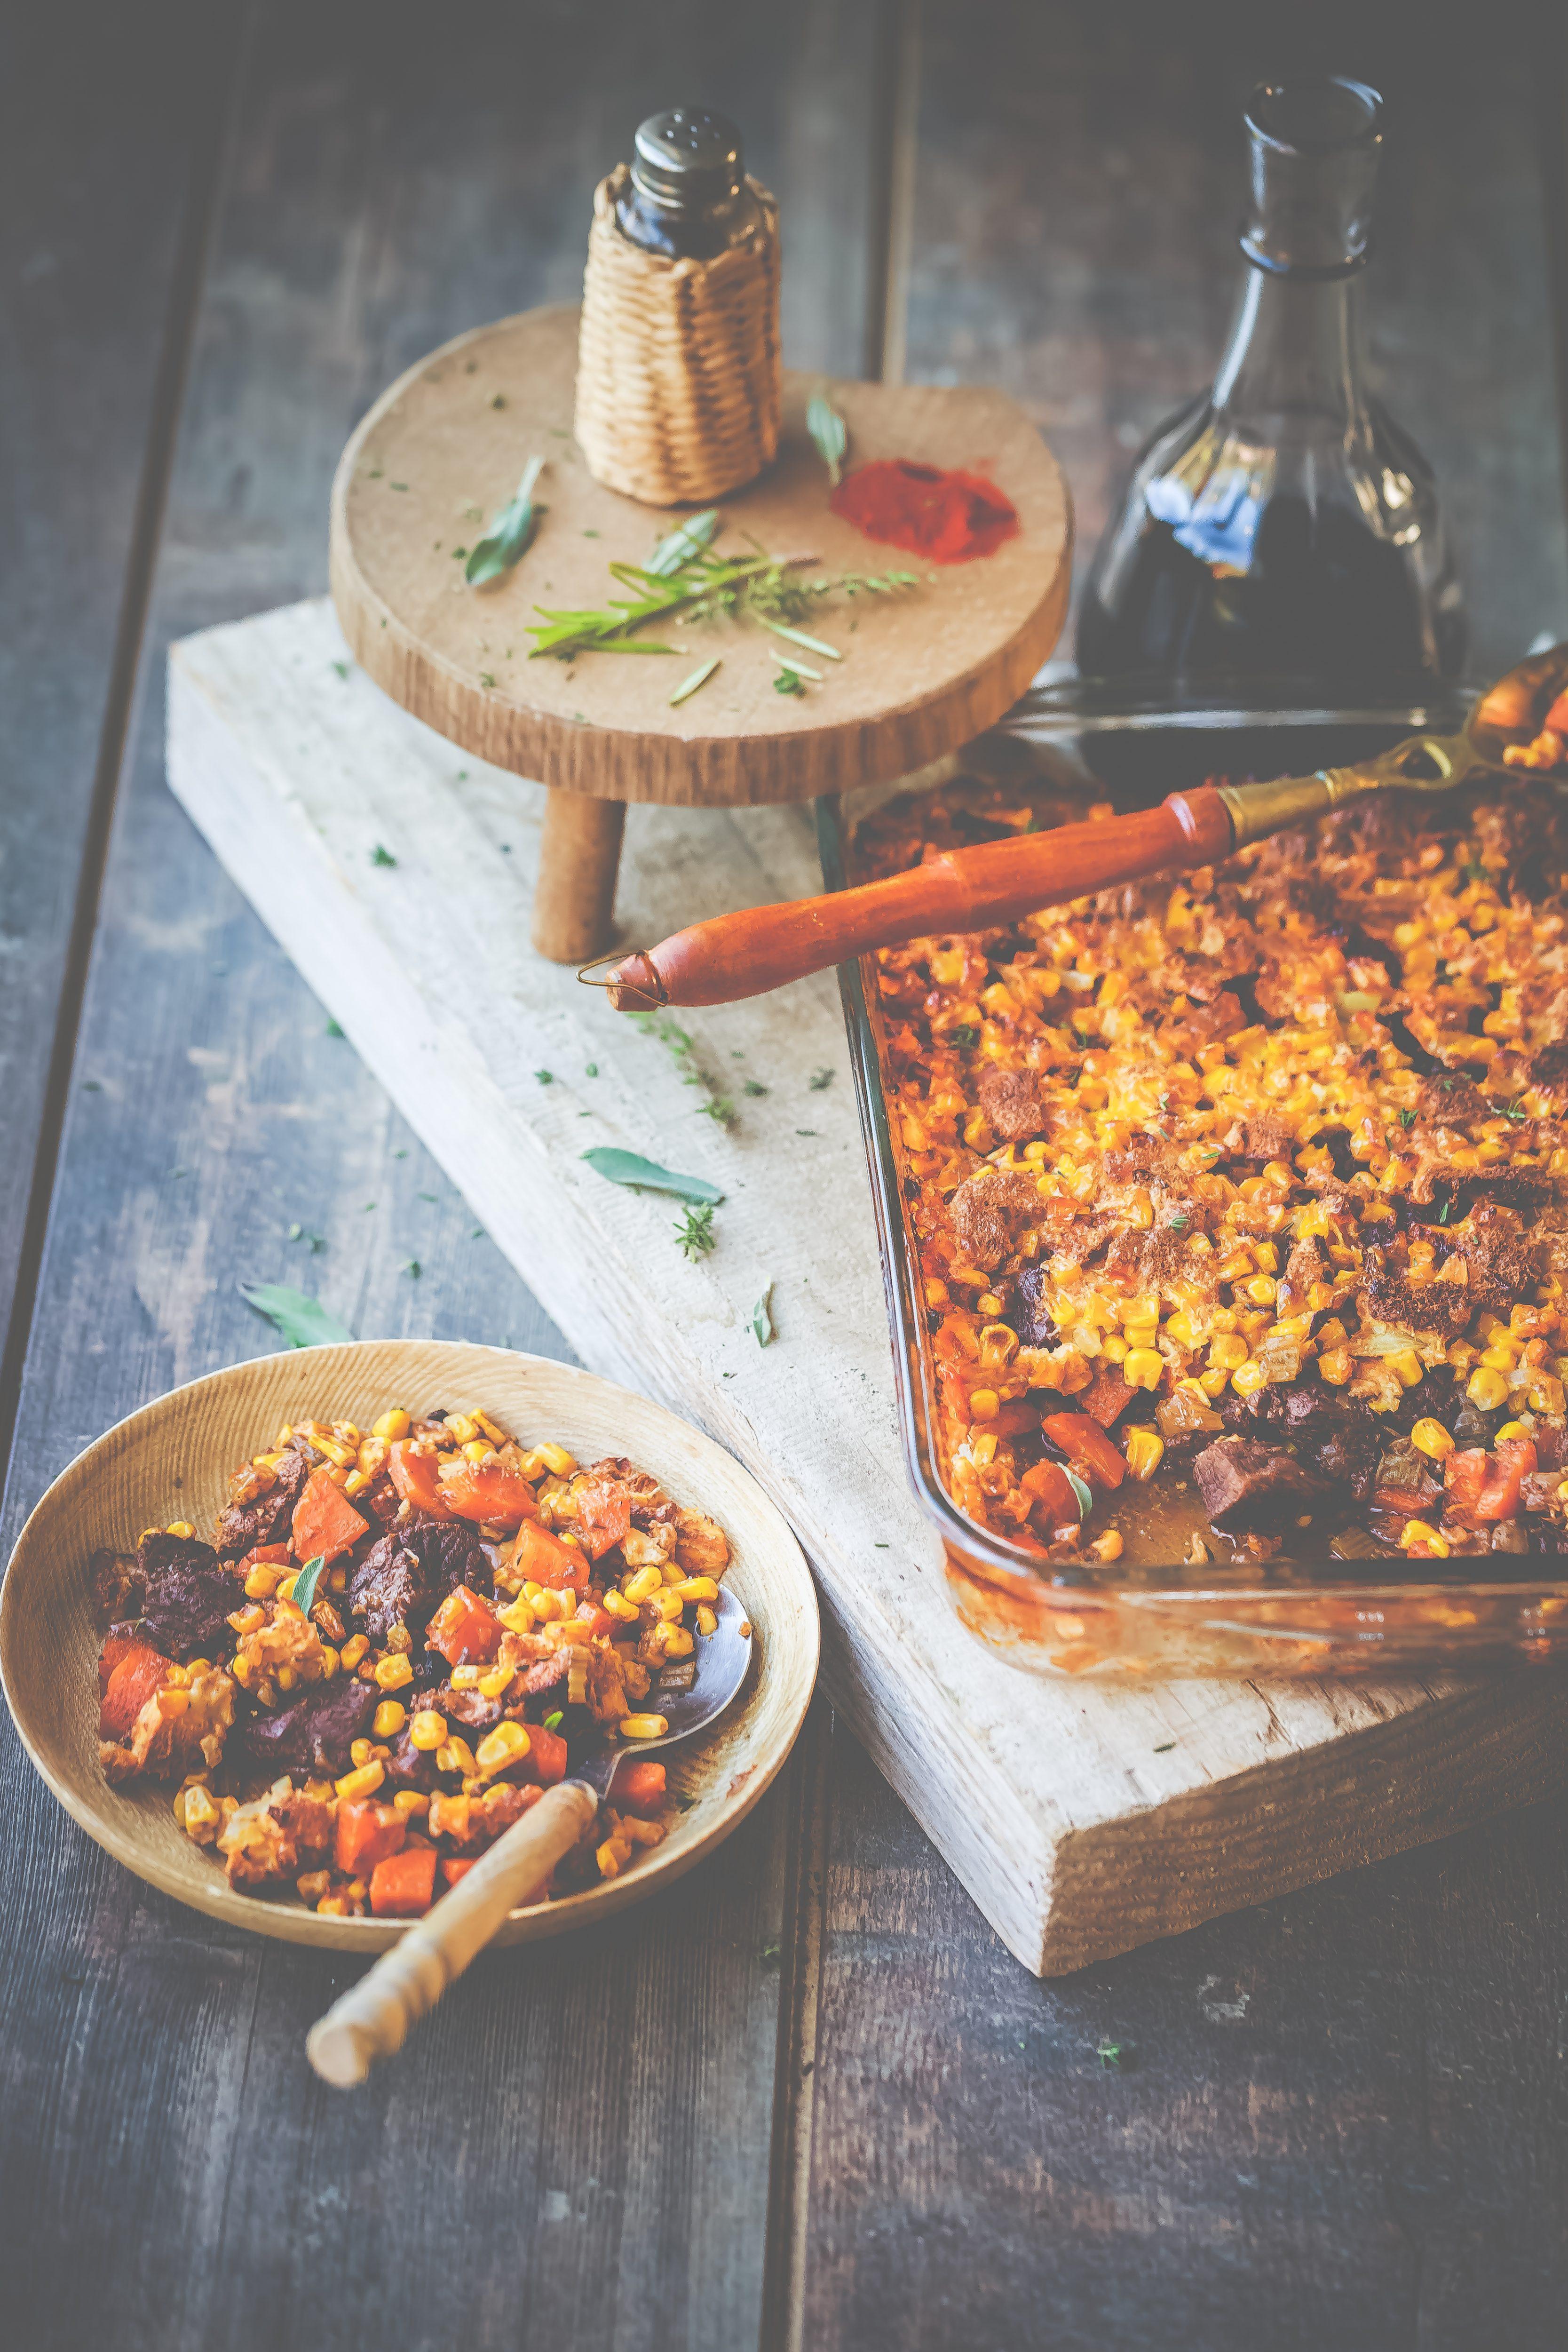 Recette facile  Boeuf-carotte en croûte de maïs